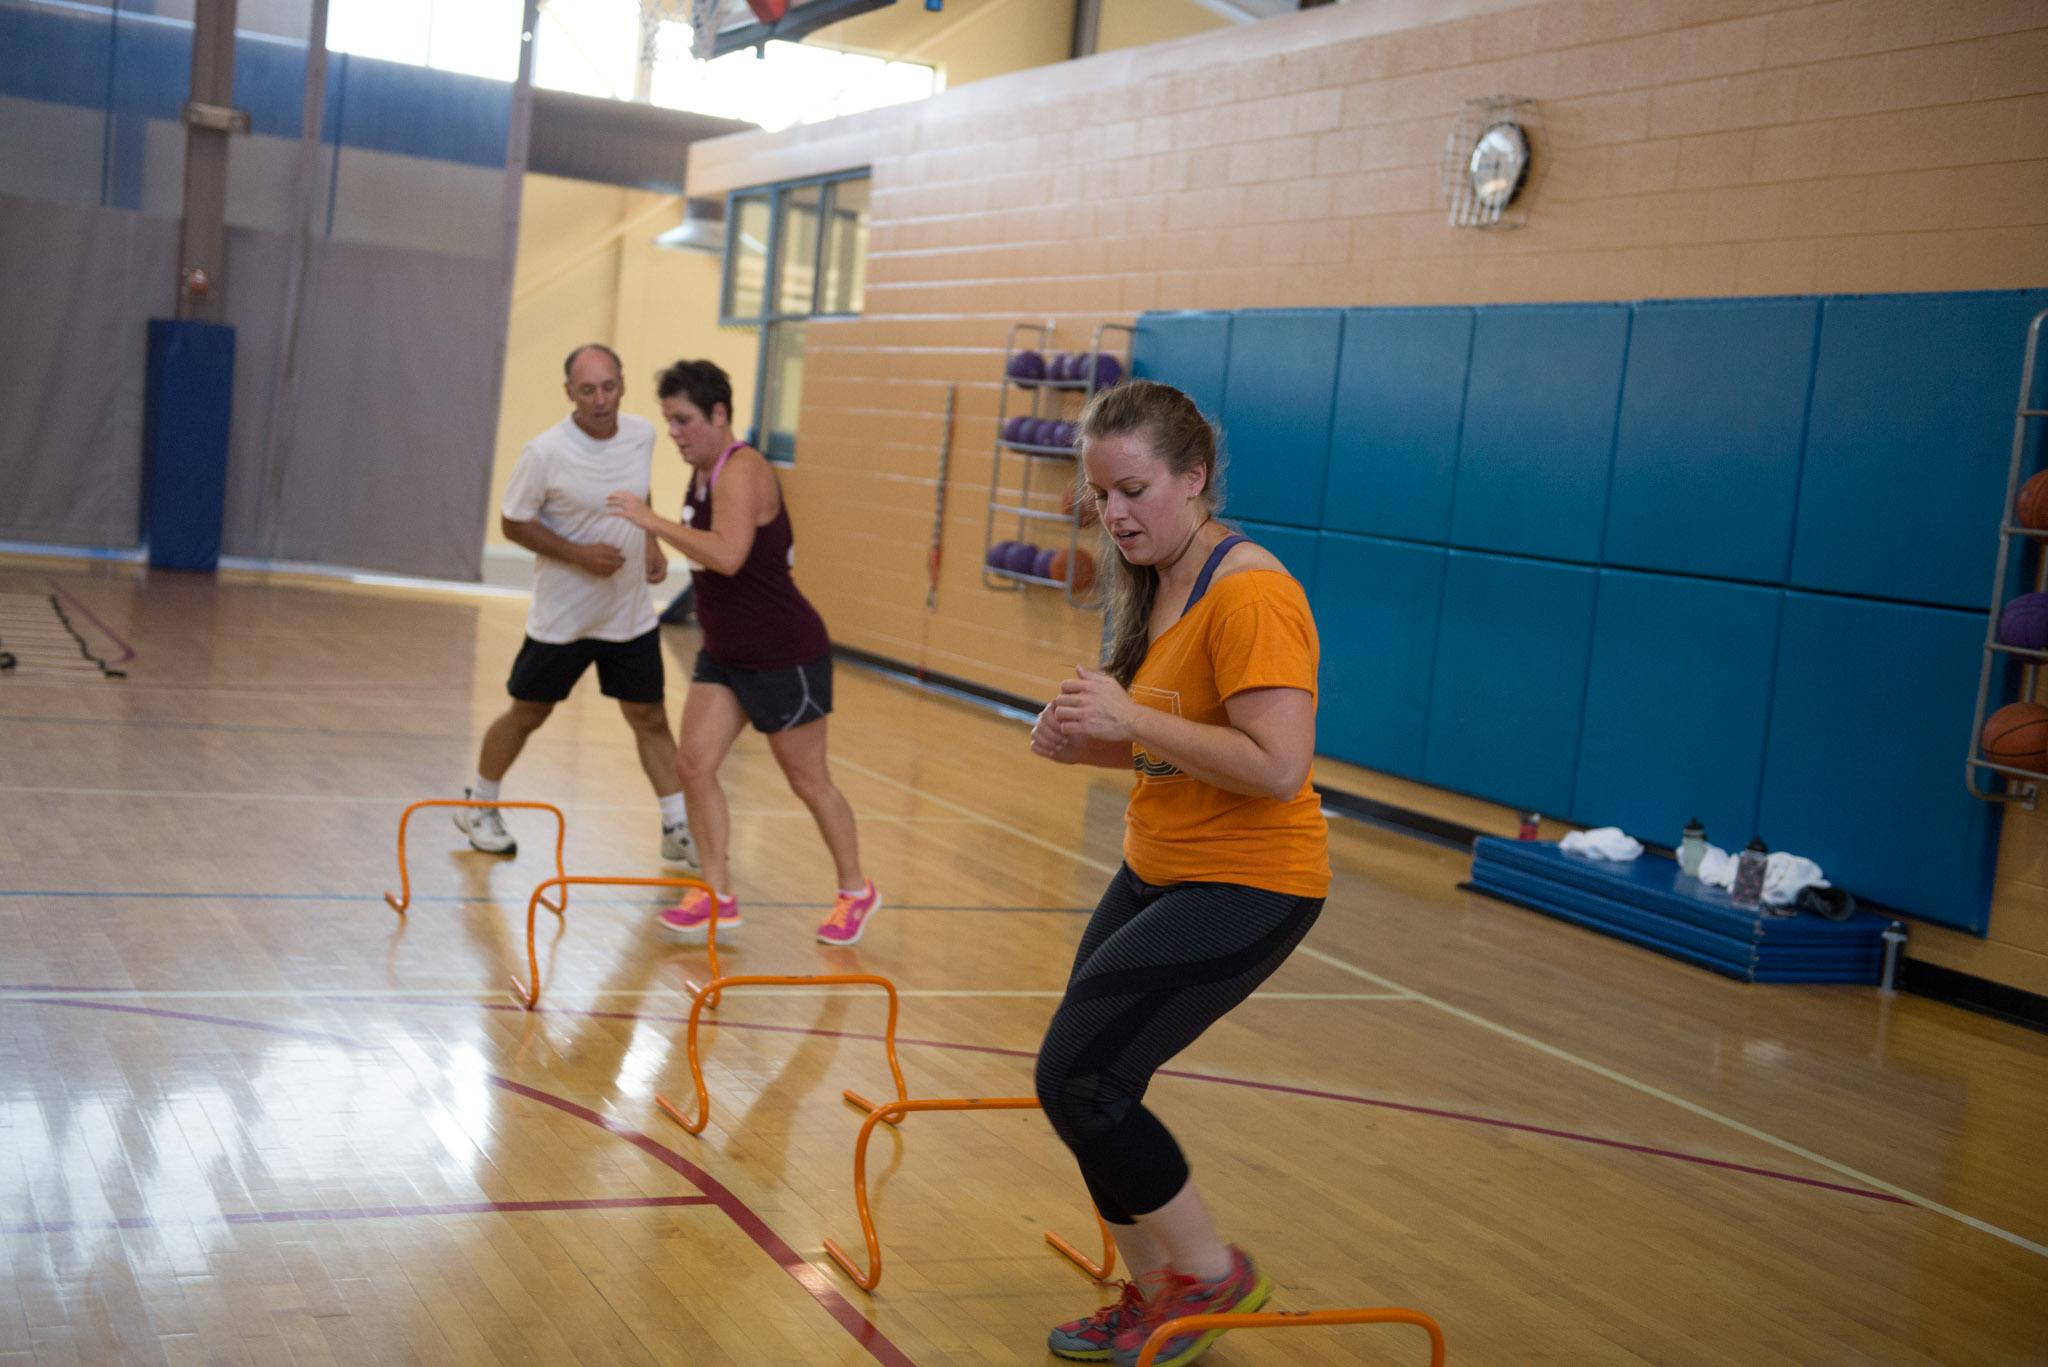 Wellness Center Stock Photos-1424.jpg